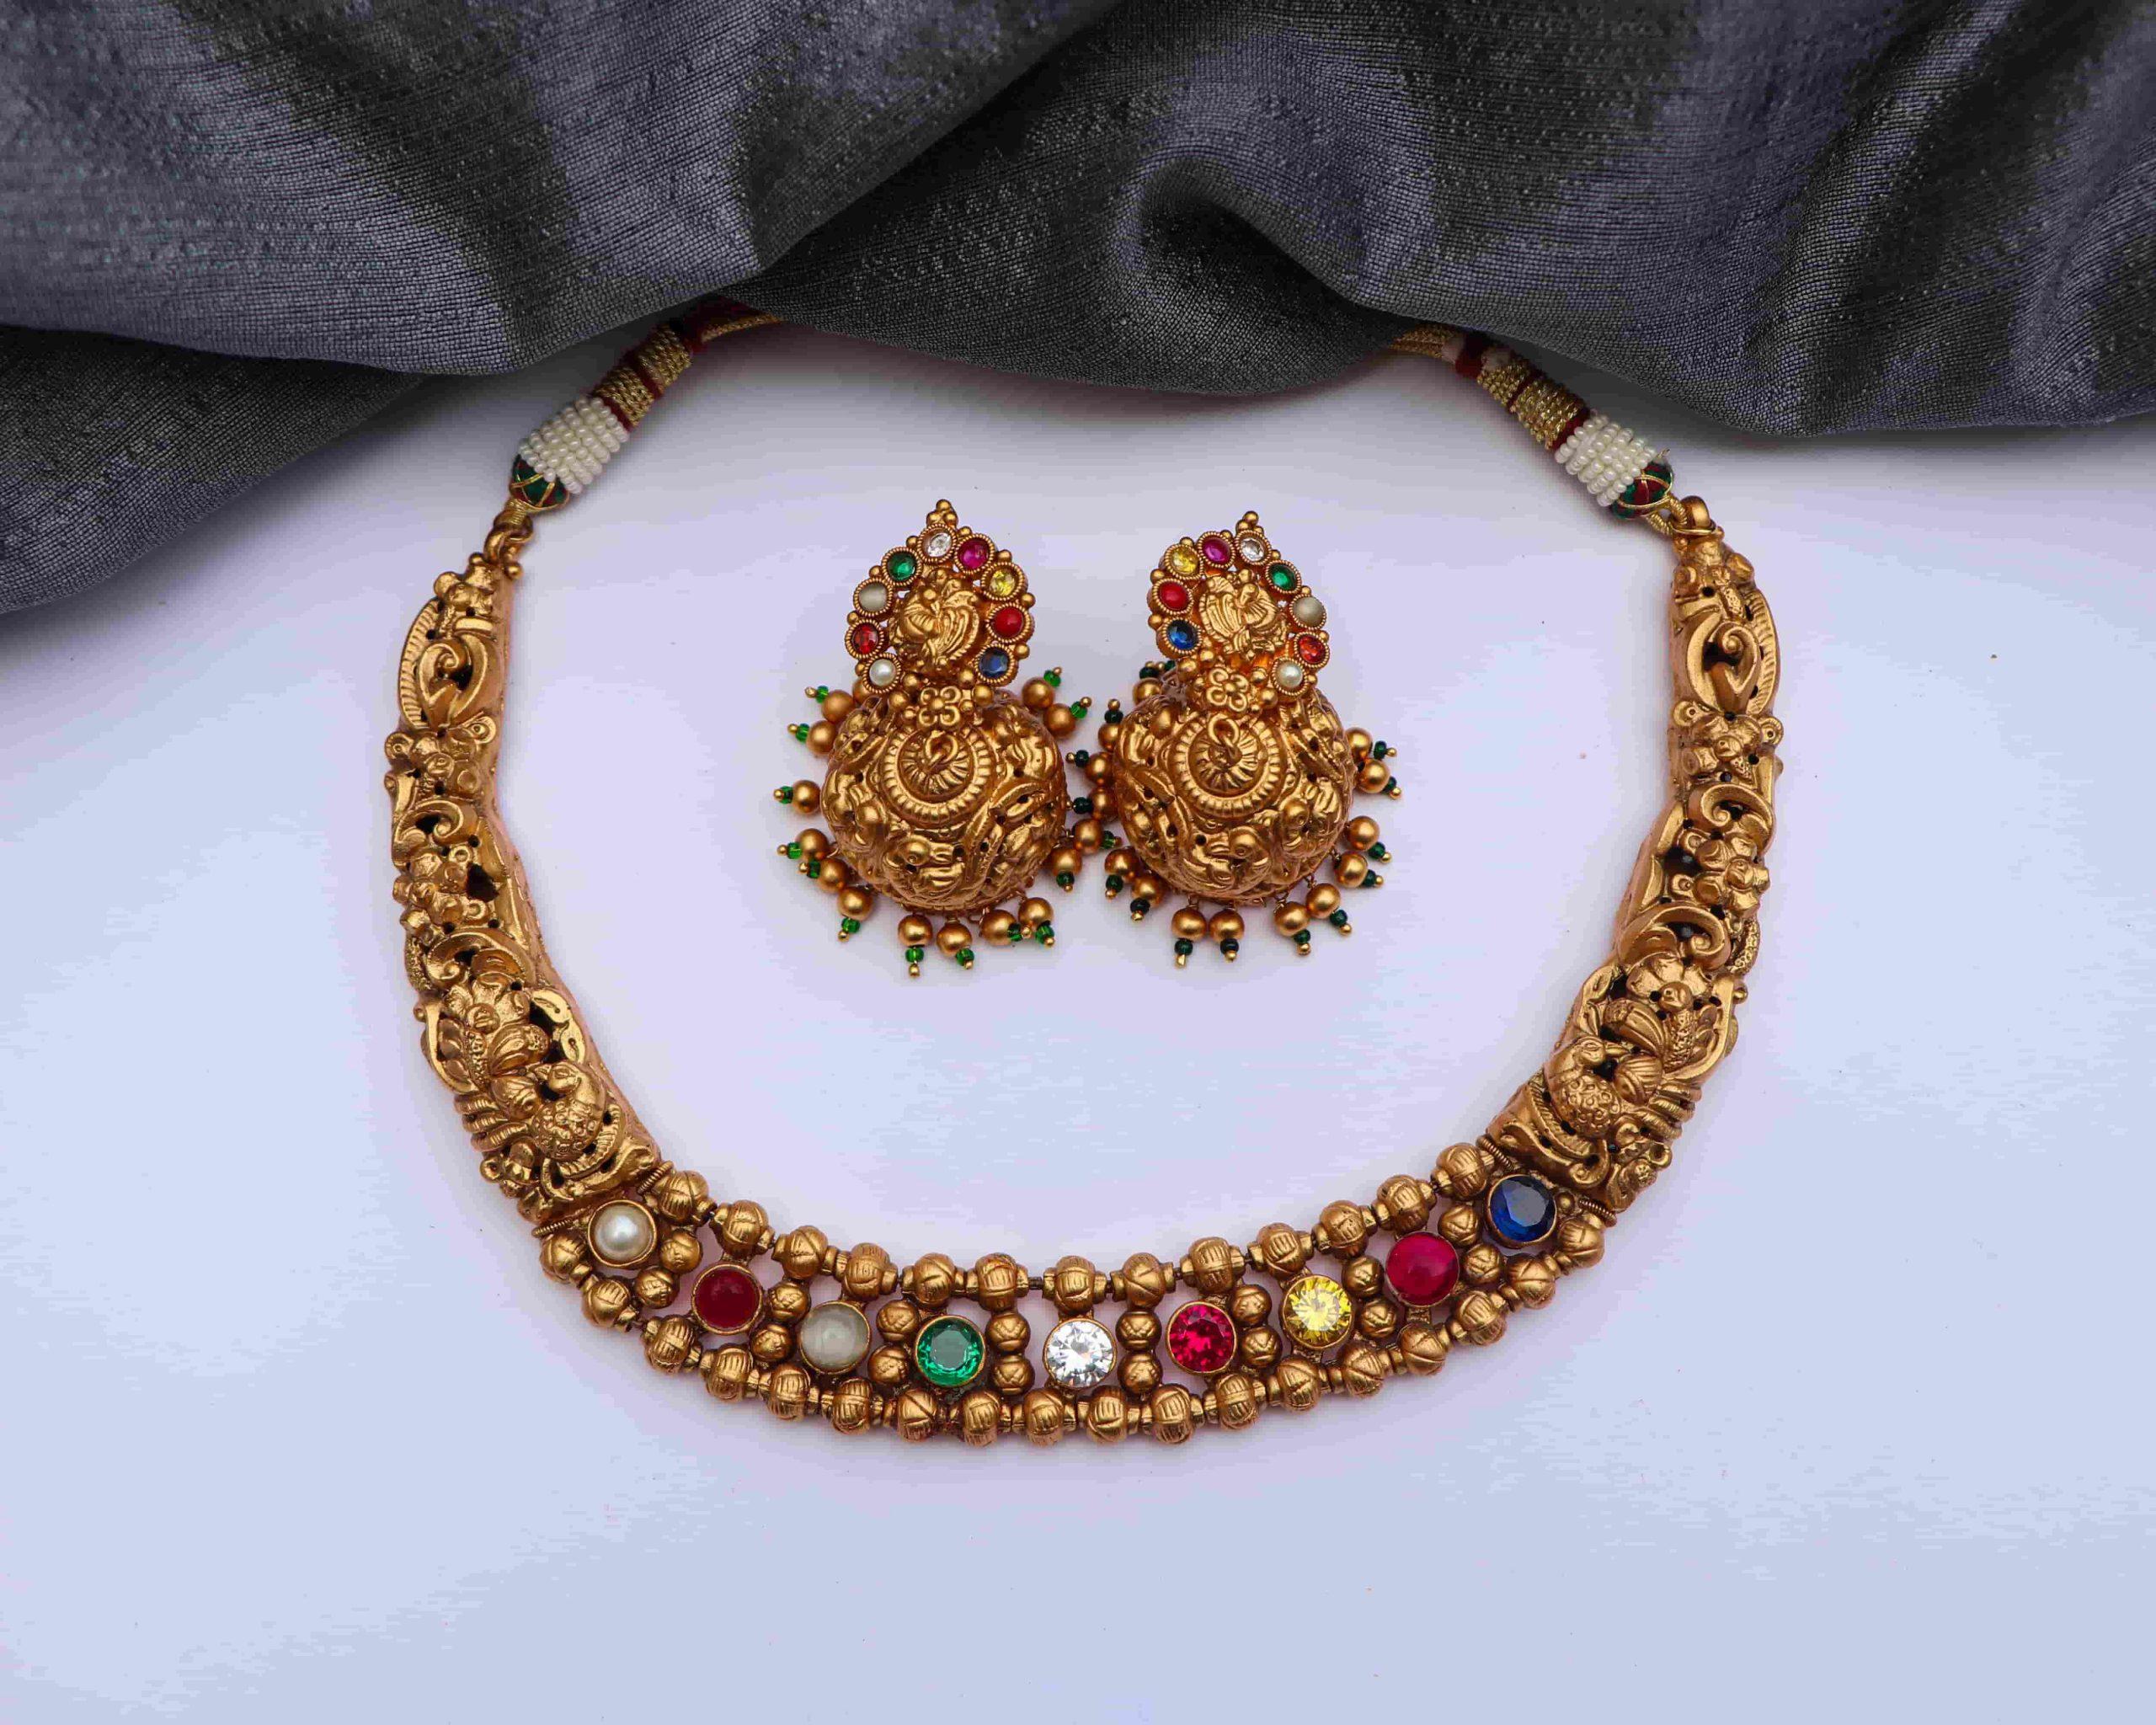 Gorgeous-Matte-Finish-Navarathna-Stone-Necklace-01-1-scaled